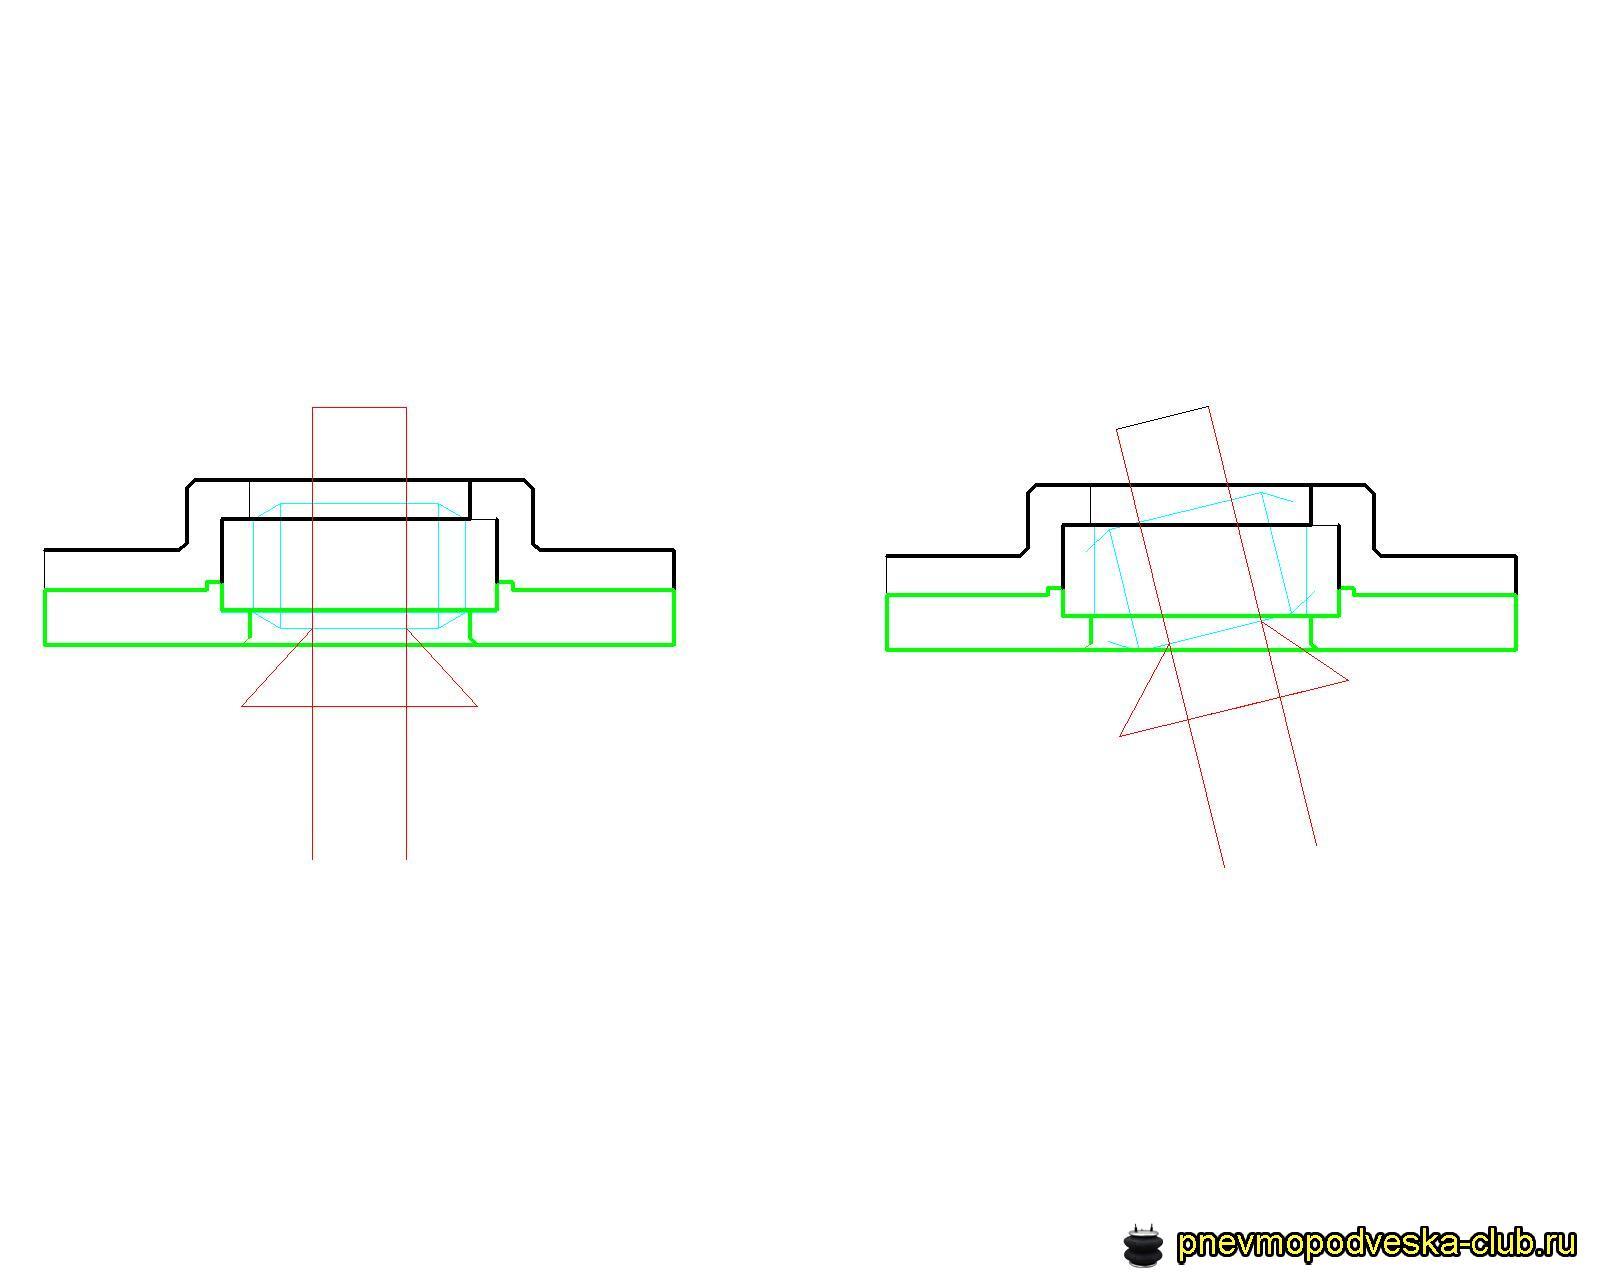 pnevmopodveska_1394811001___3_-model.jpg